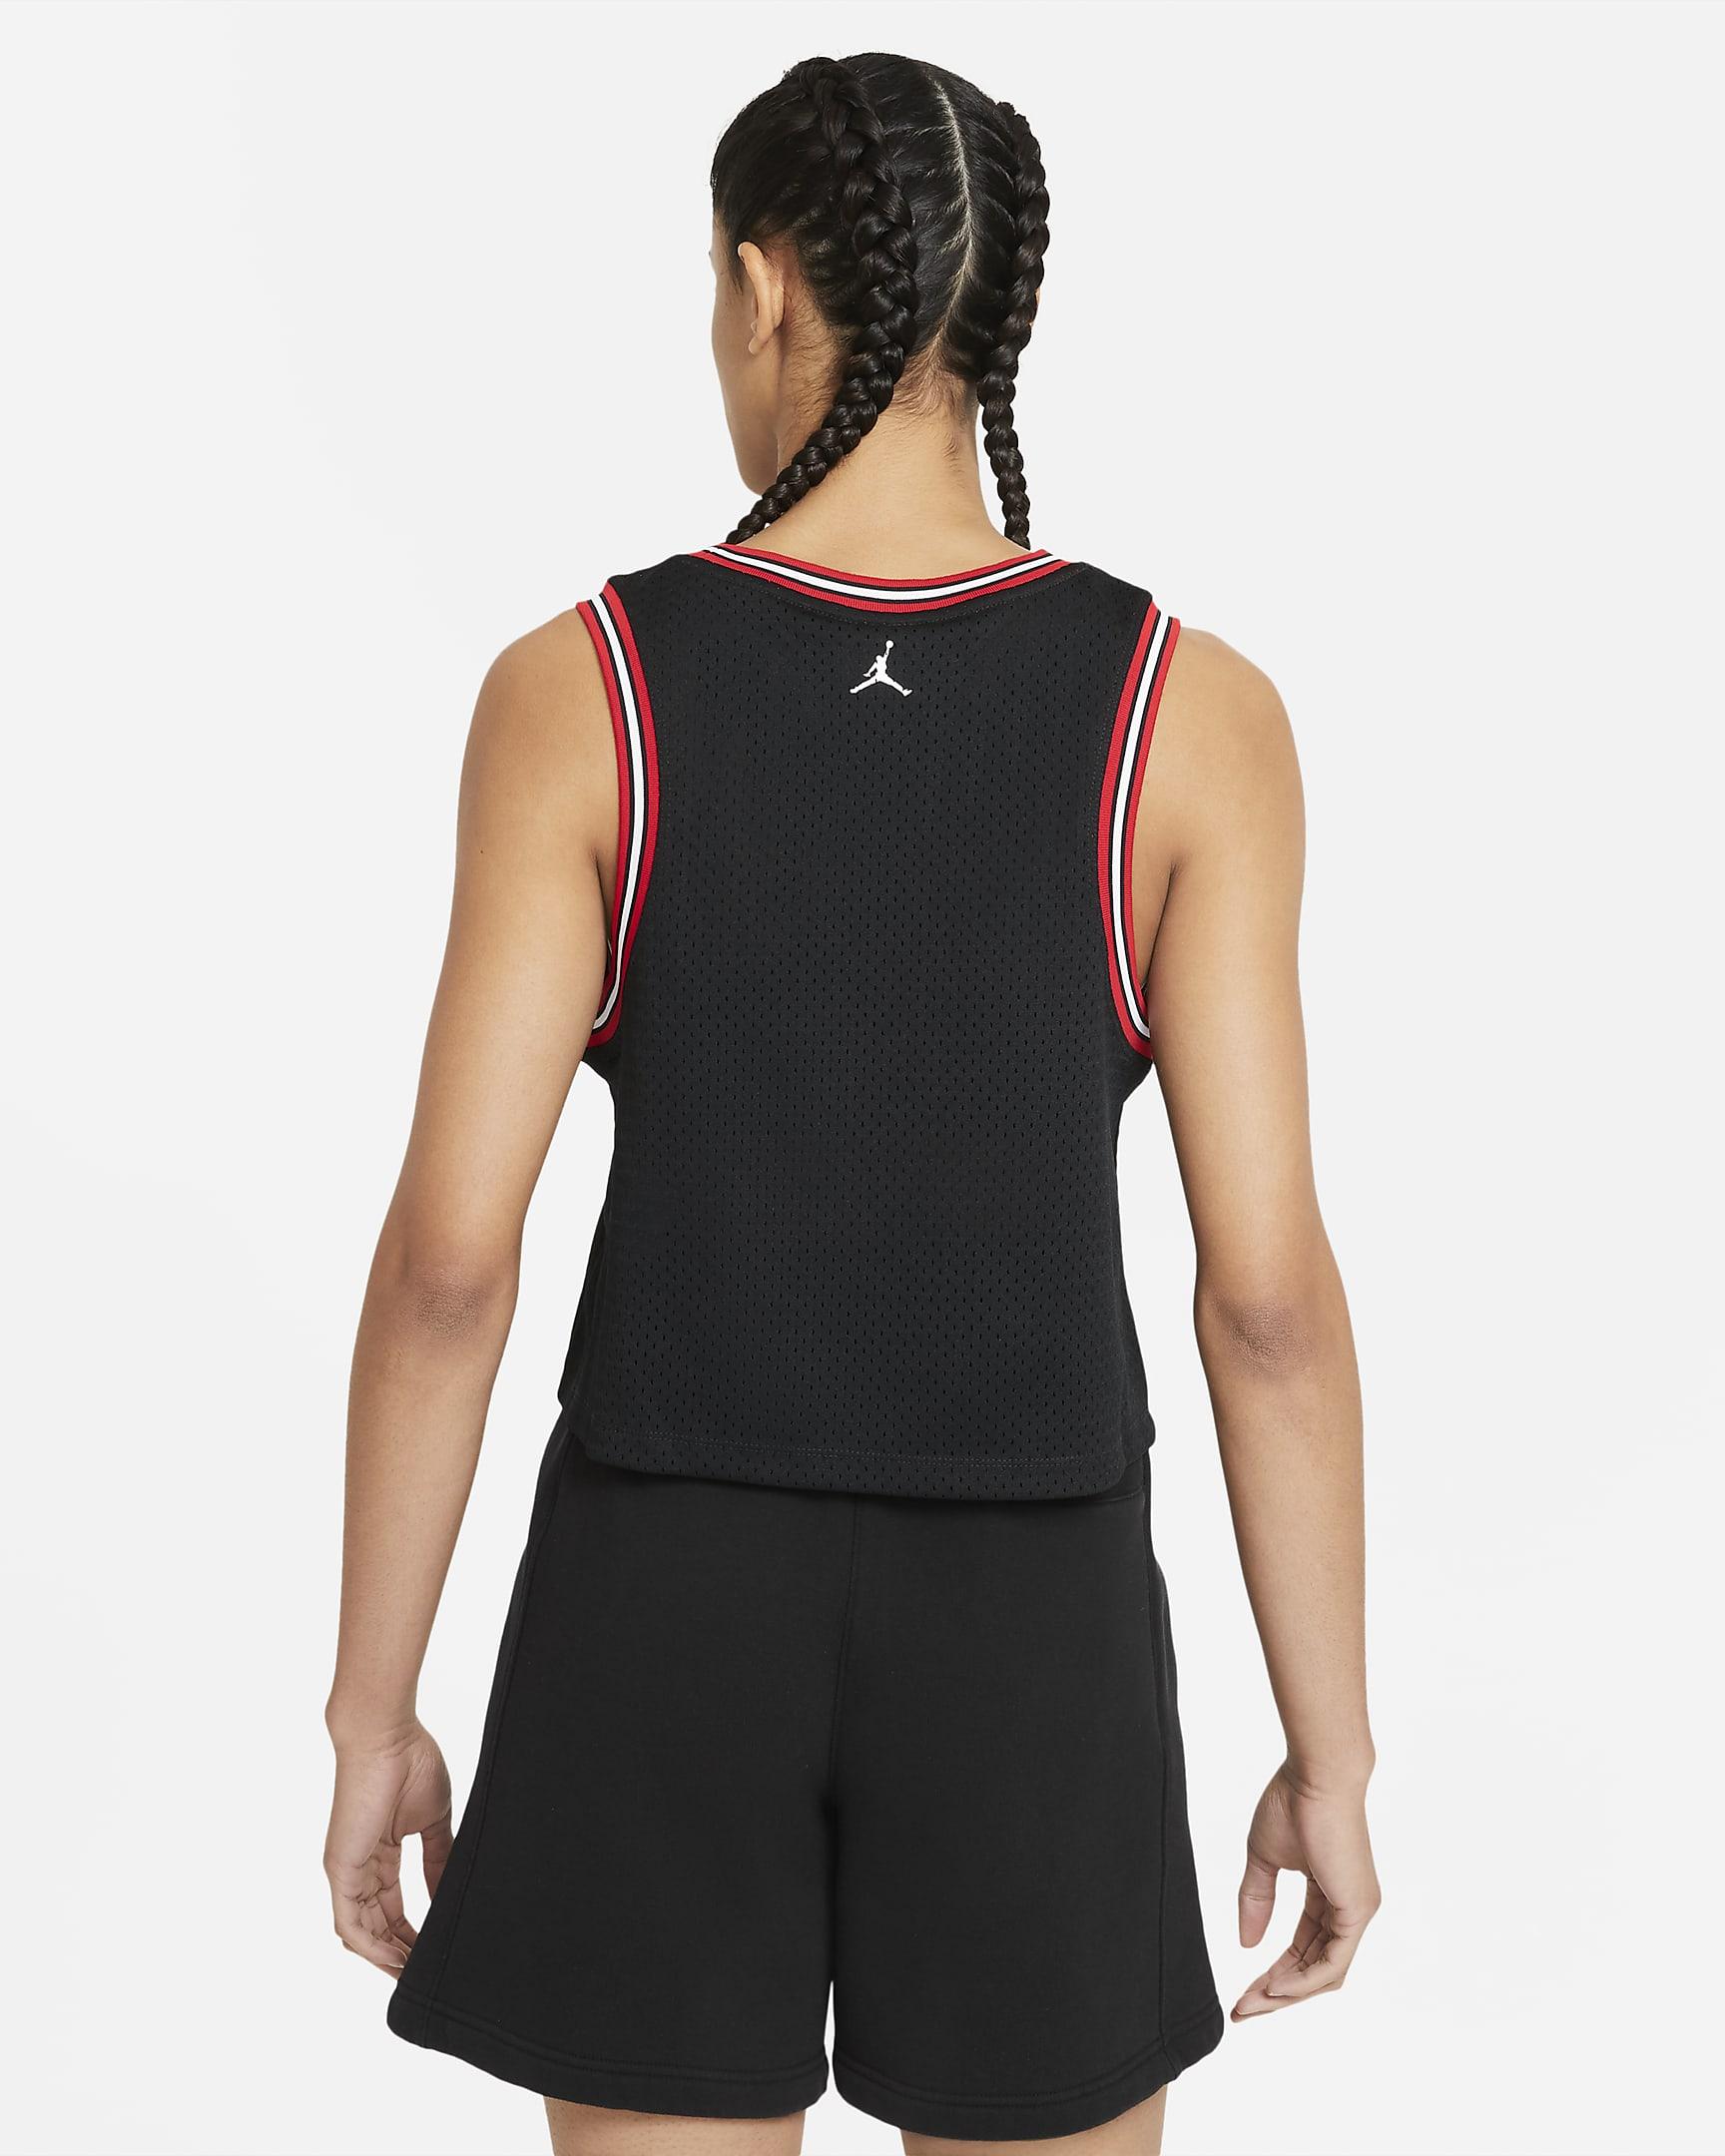 jordan-essentials-womens-jersey-0hlNPc-1.png